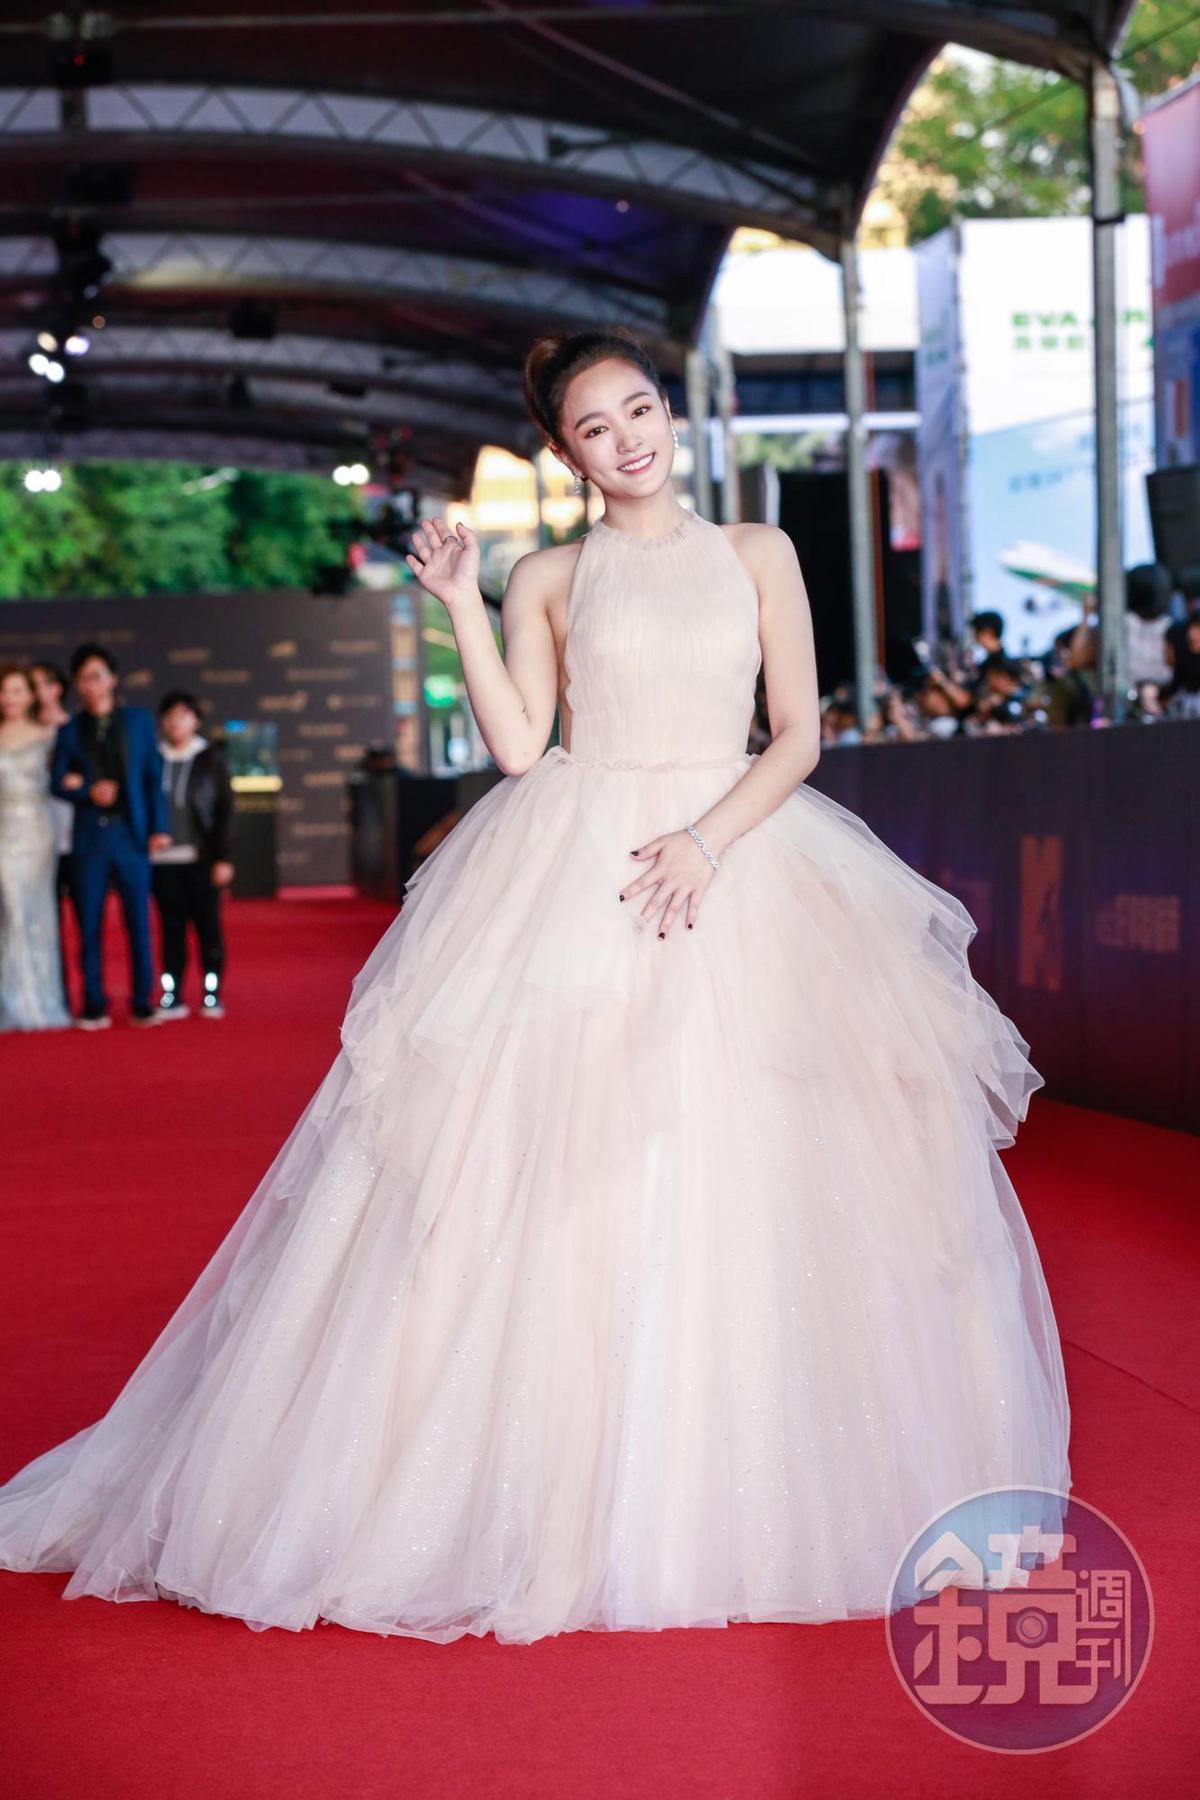 王淨穿上粉色大洋裝,但副乳疑似也跑出來見客。